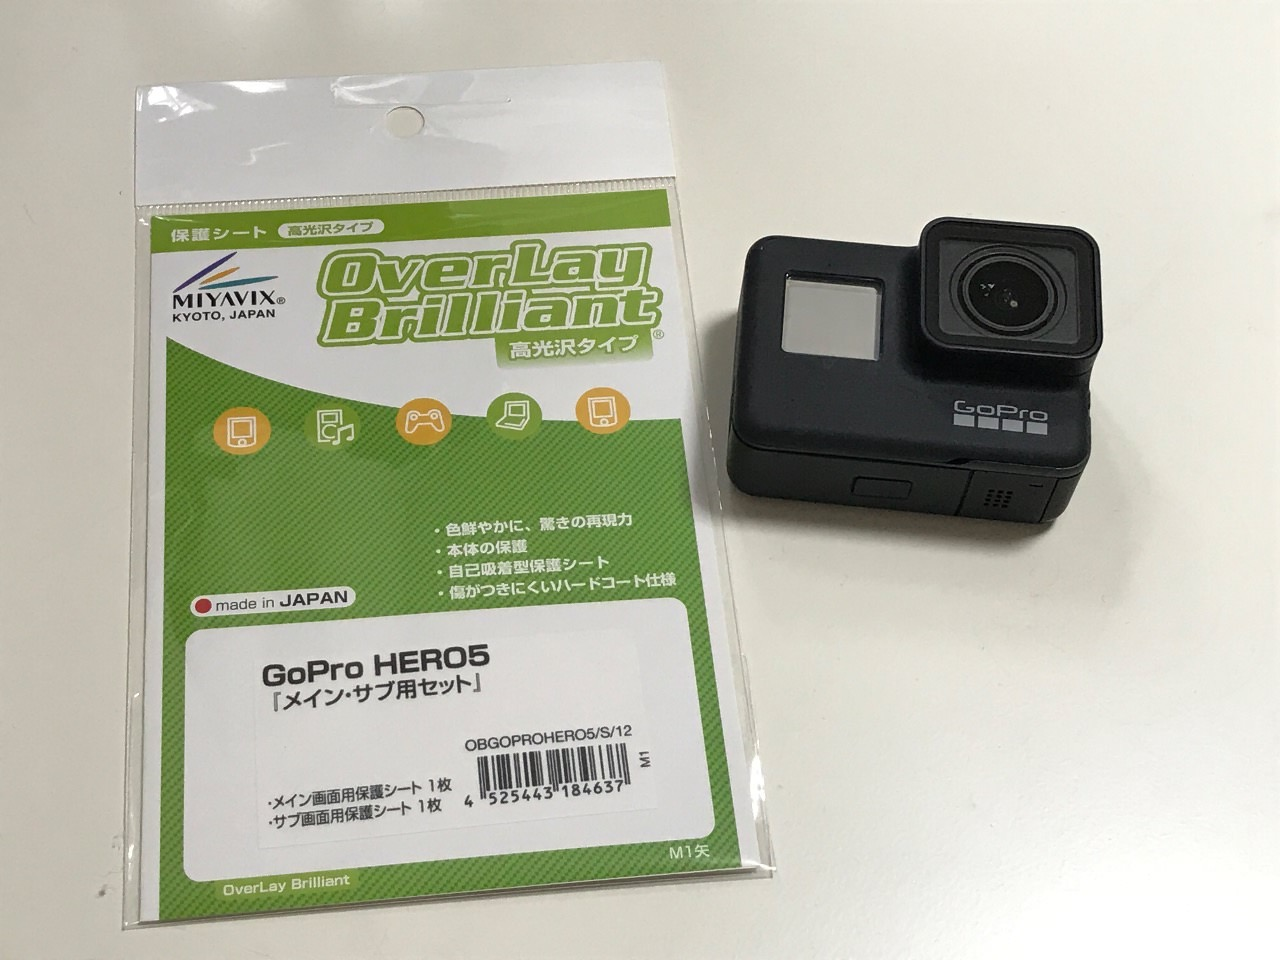 【GoPro 7】液晶保護フィルムは貼っておくべき【アクセサリー】